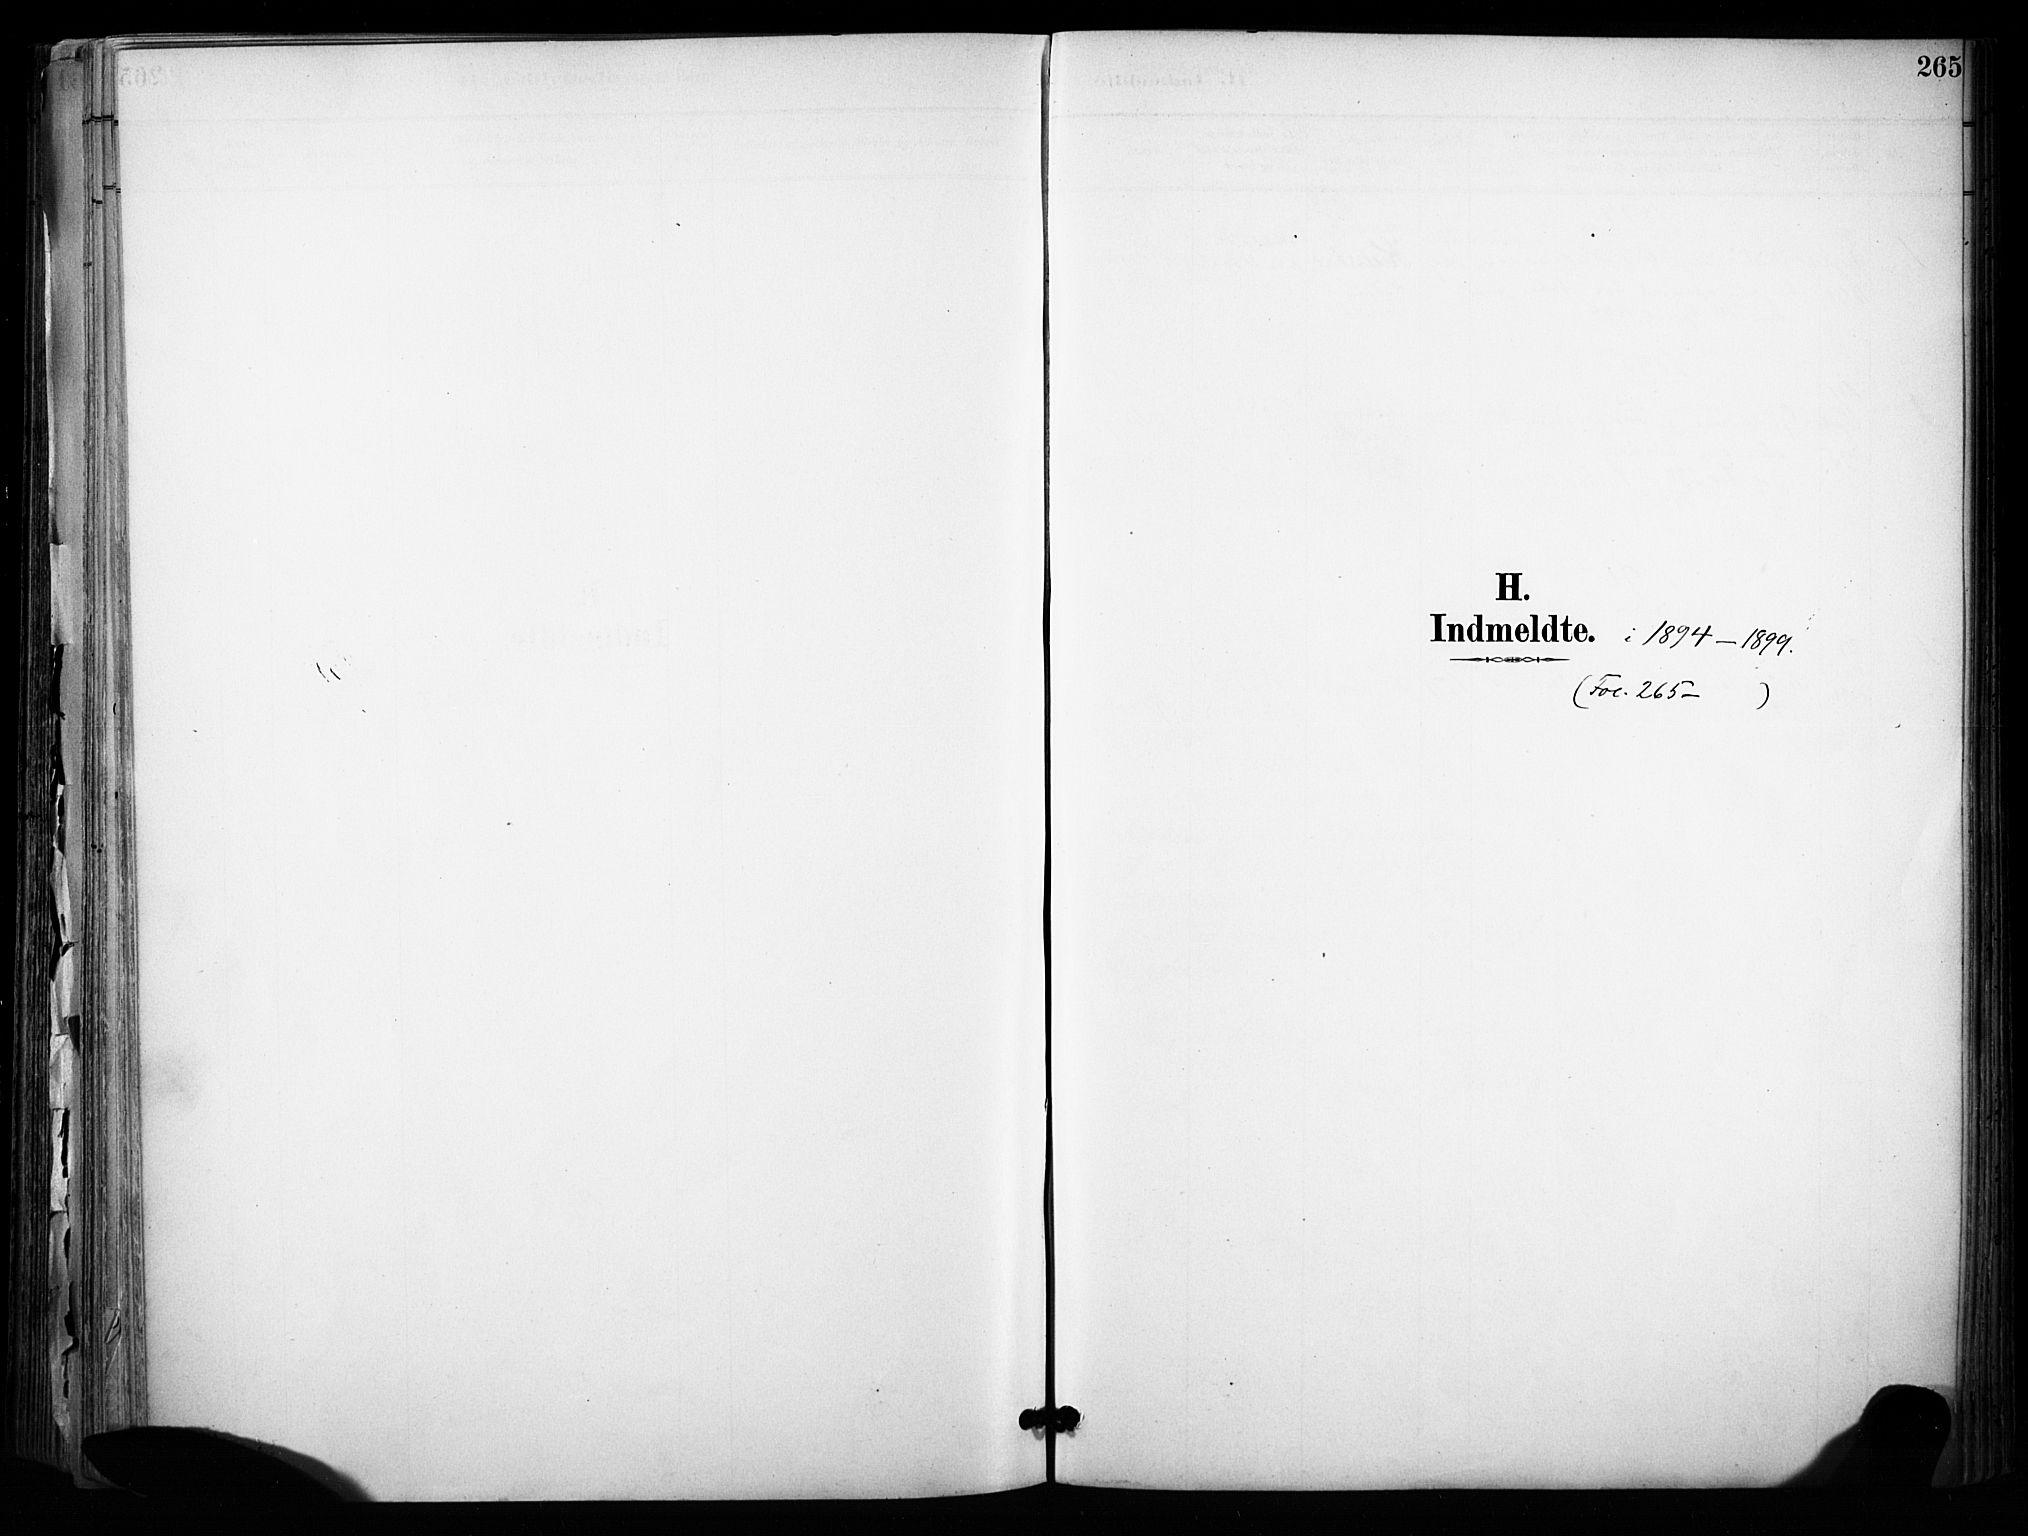 SAKO, Sannidal kirkebøker, F/Fa/L0015: Ministerialbok nr. 15, 1884-1899, s. 265